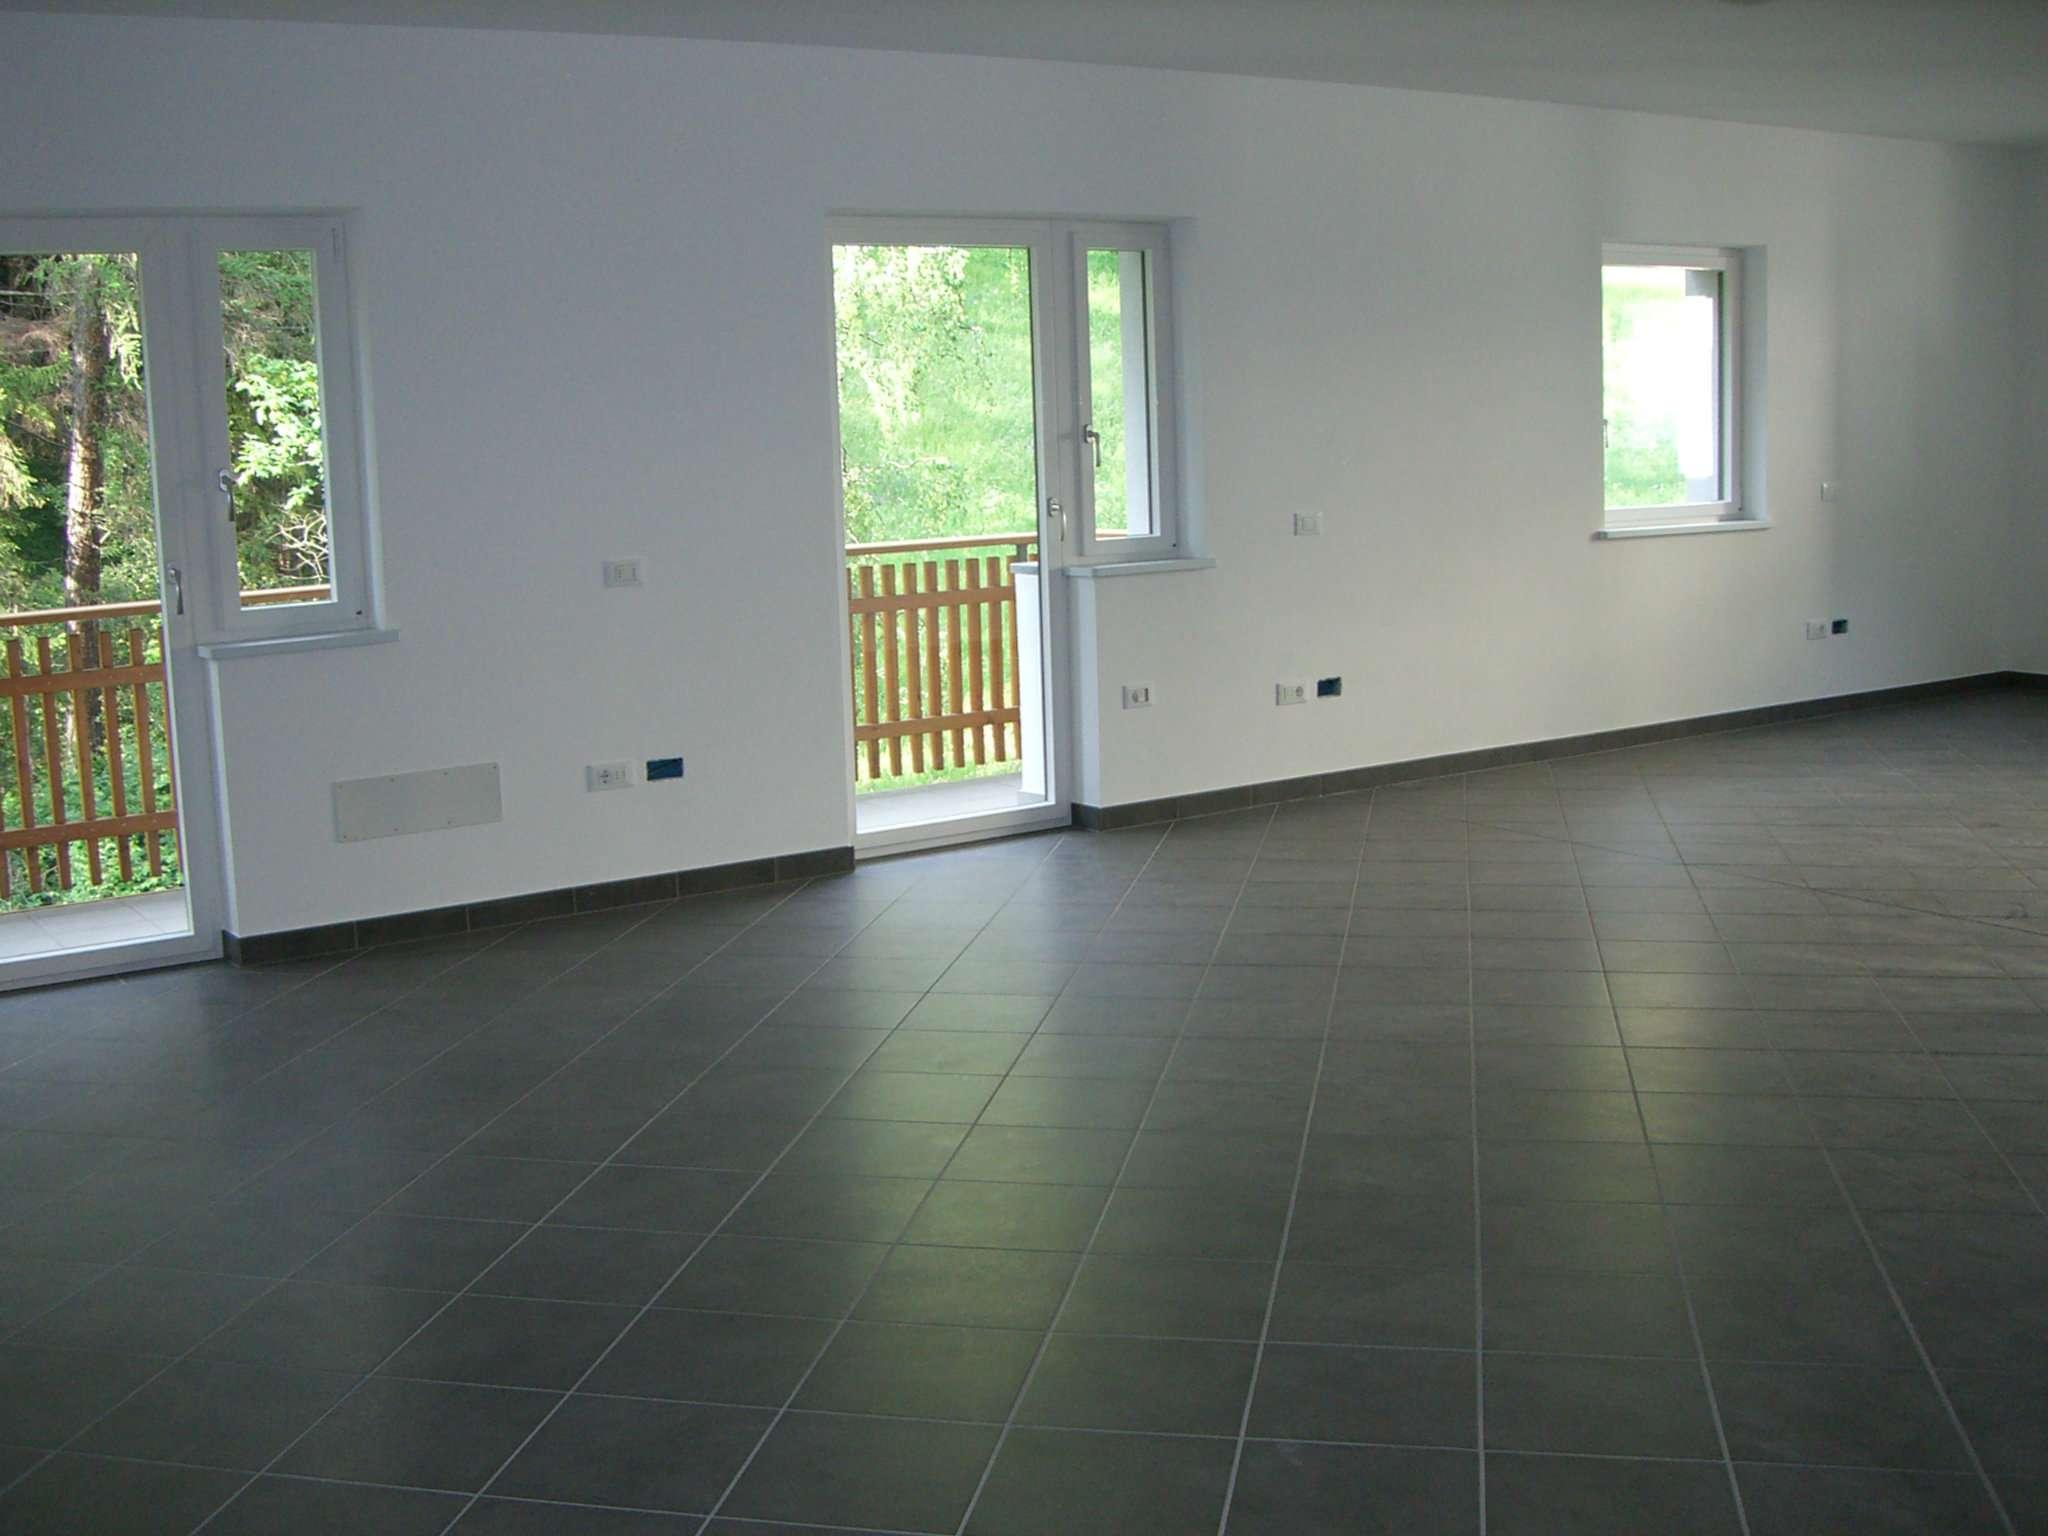 Ufficio / Studio in vendita a Santa Cristina Valgardena, 4 locali, prezzo € 288.000 | Cambio Casa.it